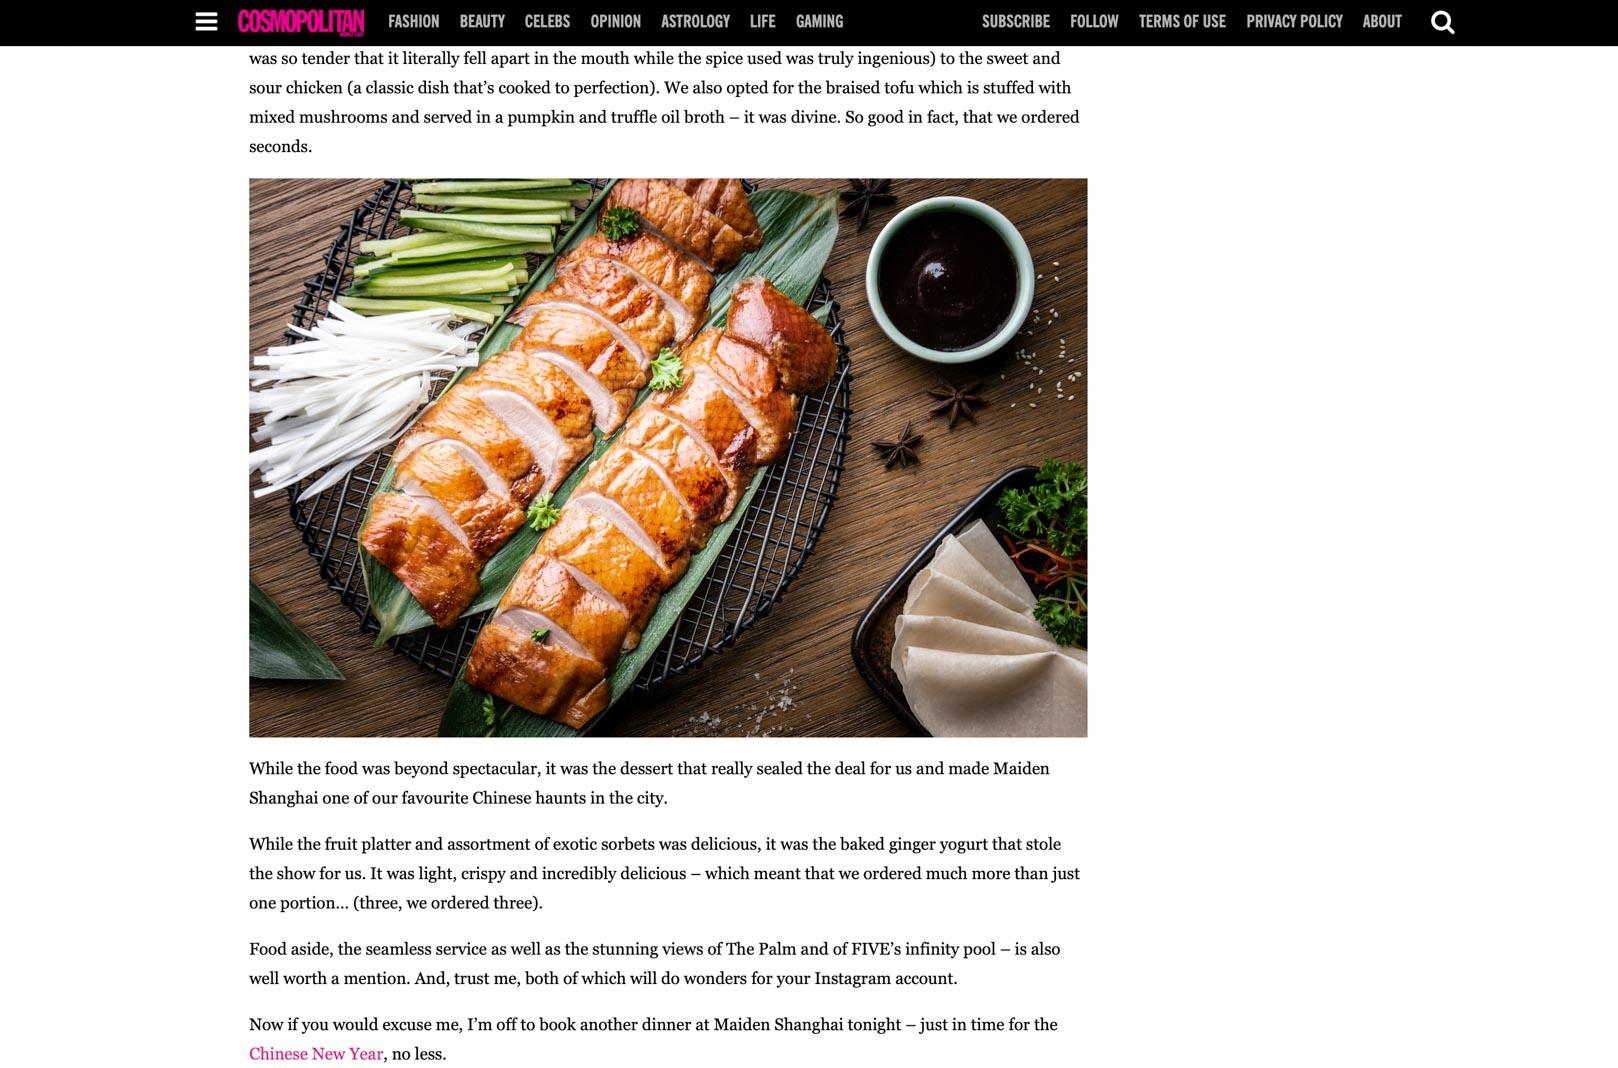 Maiden Shanghai Chinese Restaurant in Dubai Publicty00001